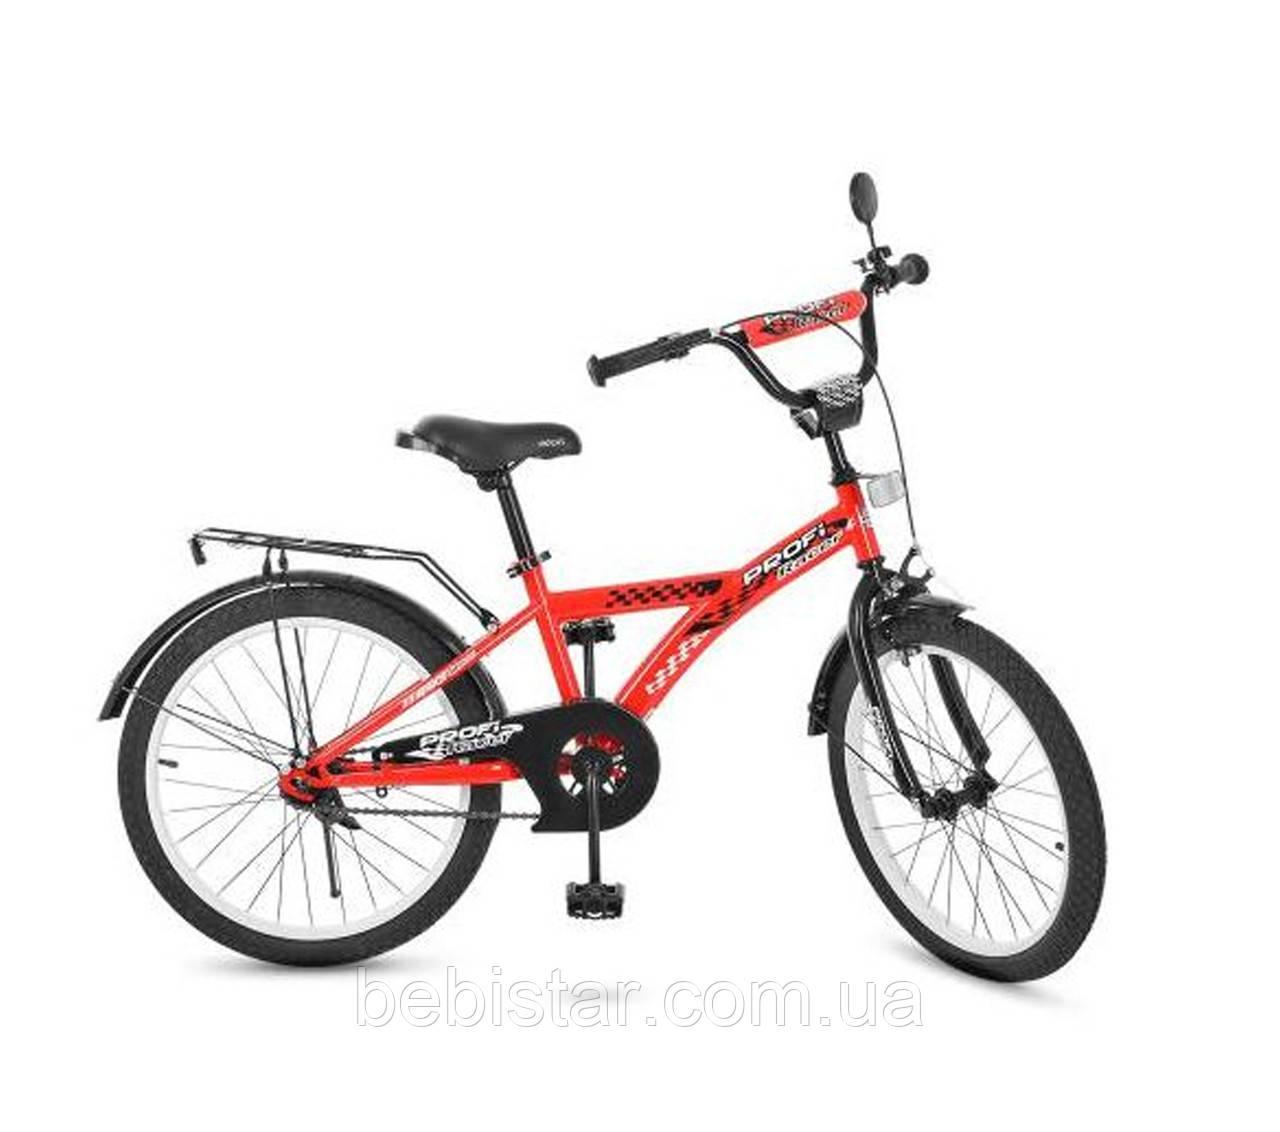 Двухколесный велосипед PROF1 20 Т2031 детям 6-9 лет цвет красный